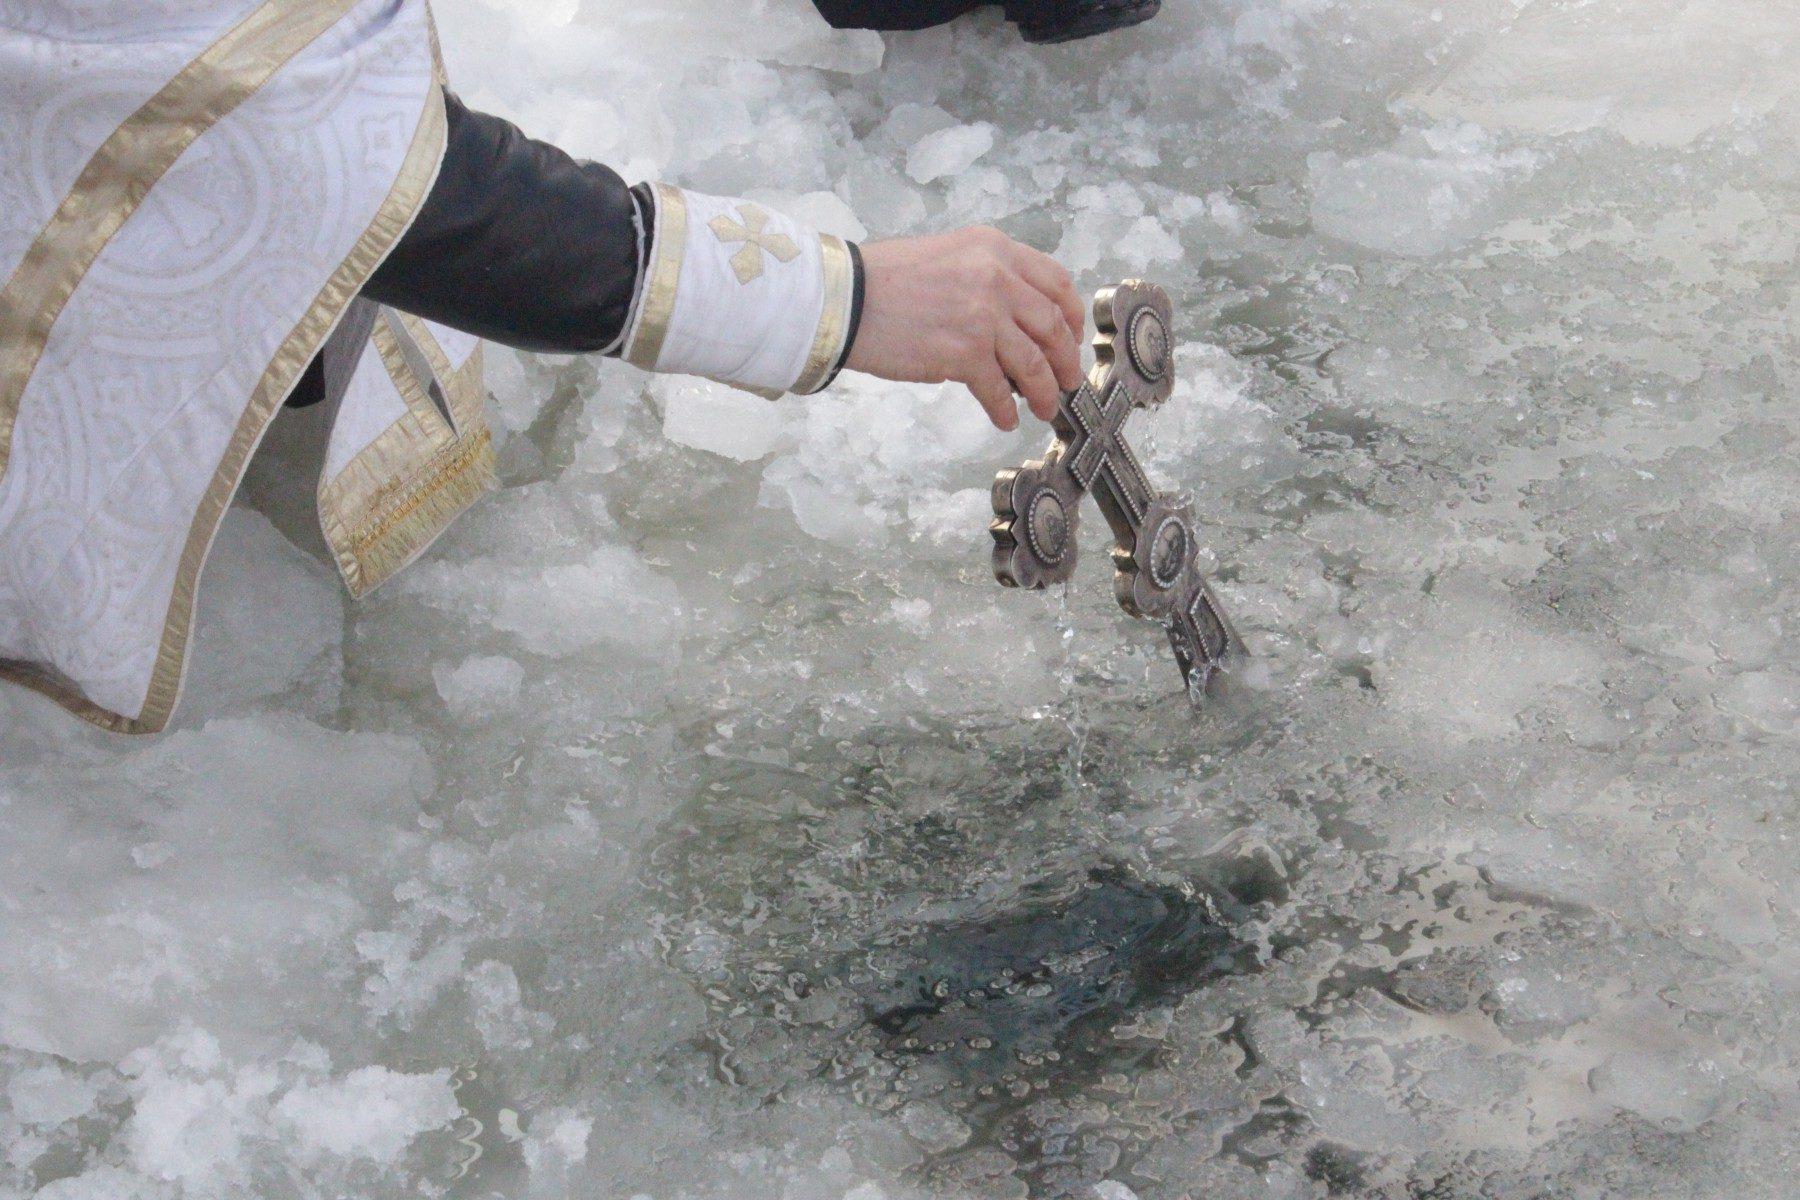 животное картинки освящение воды на крещение научная фантастика поднялась